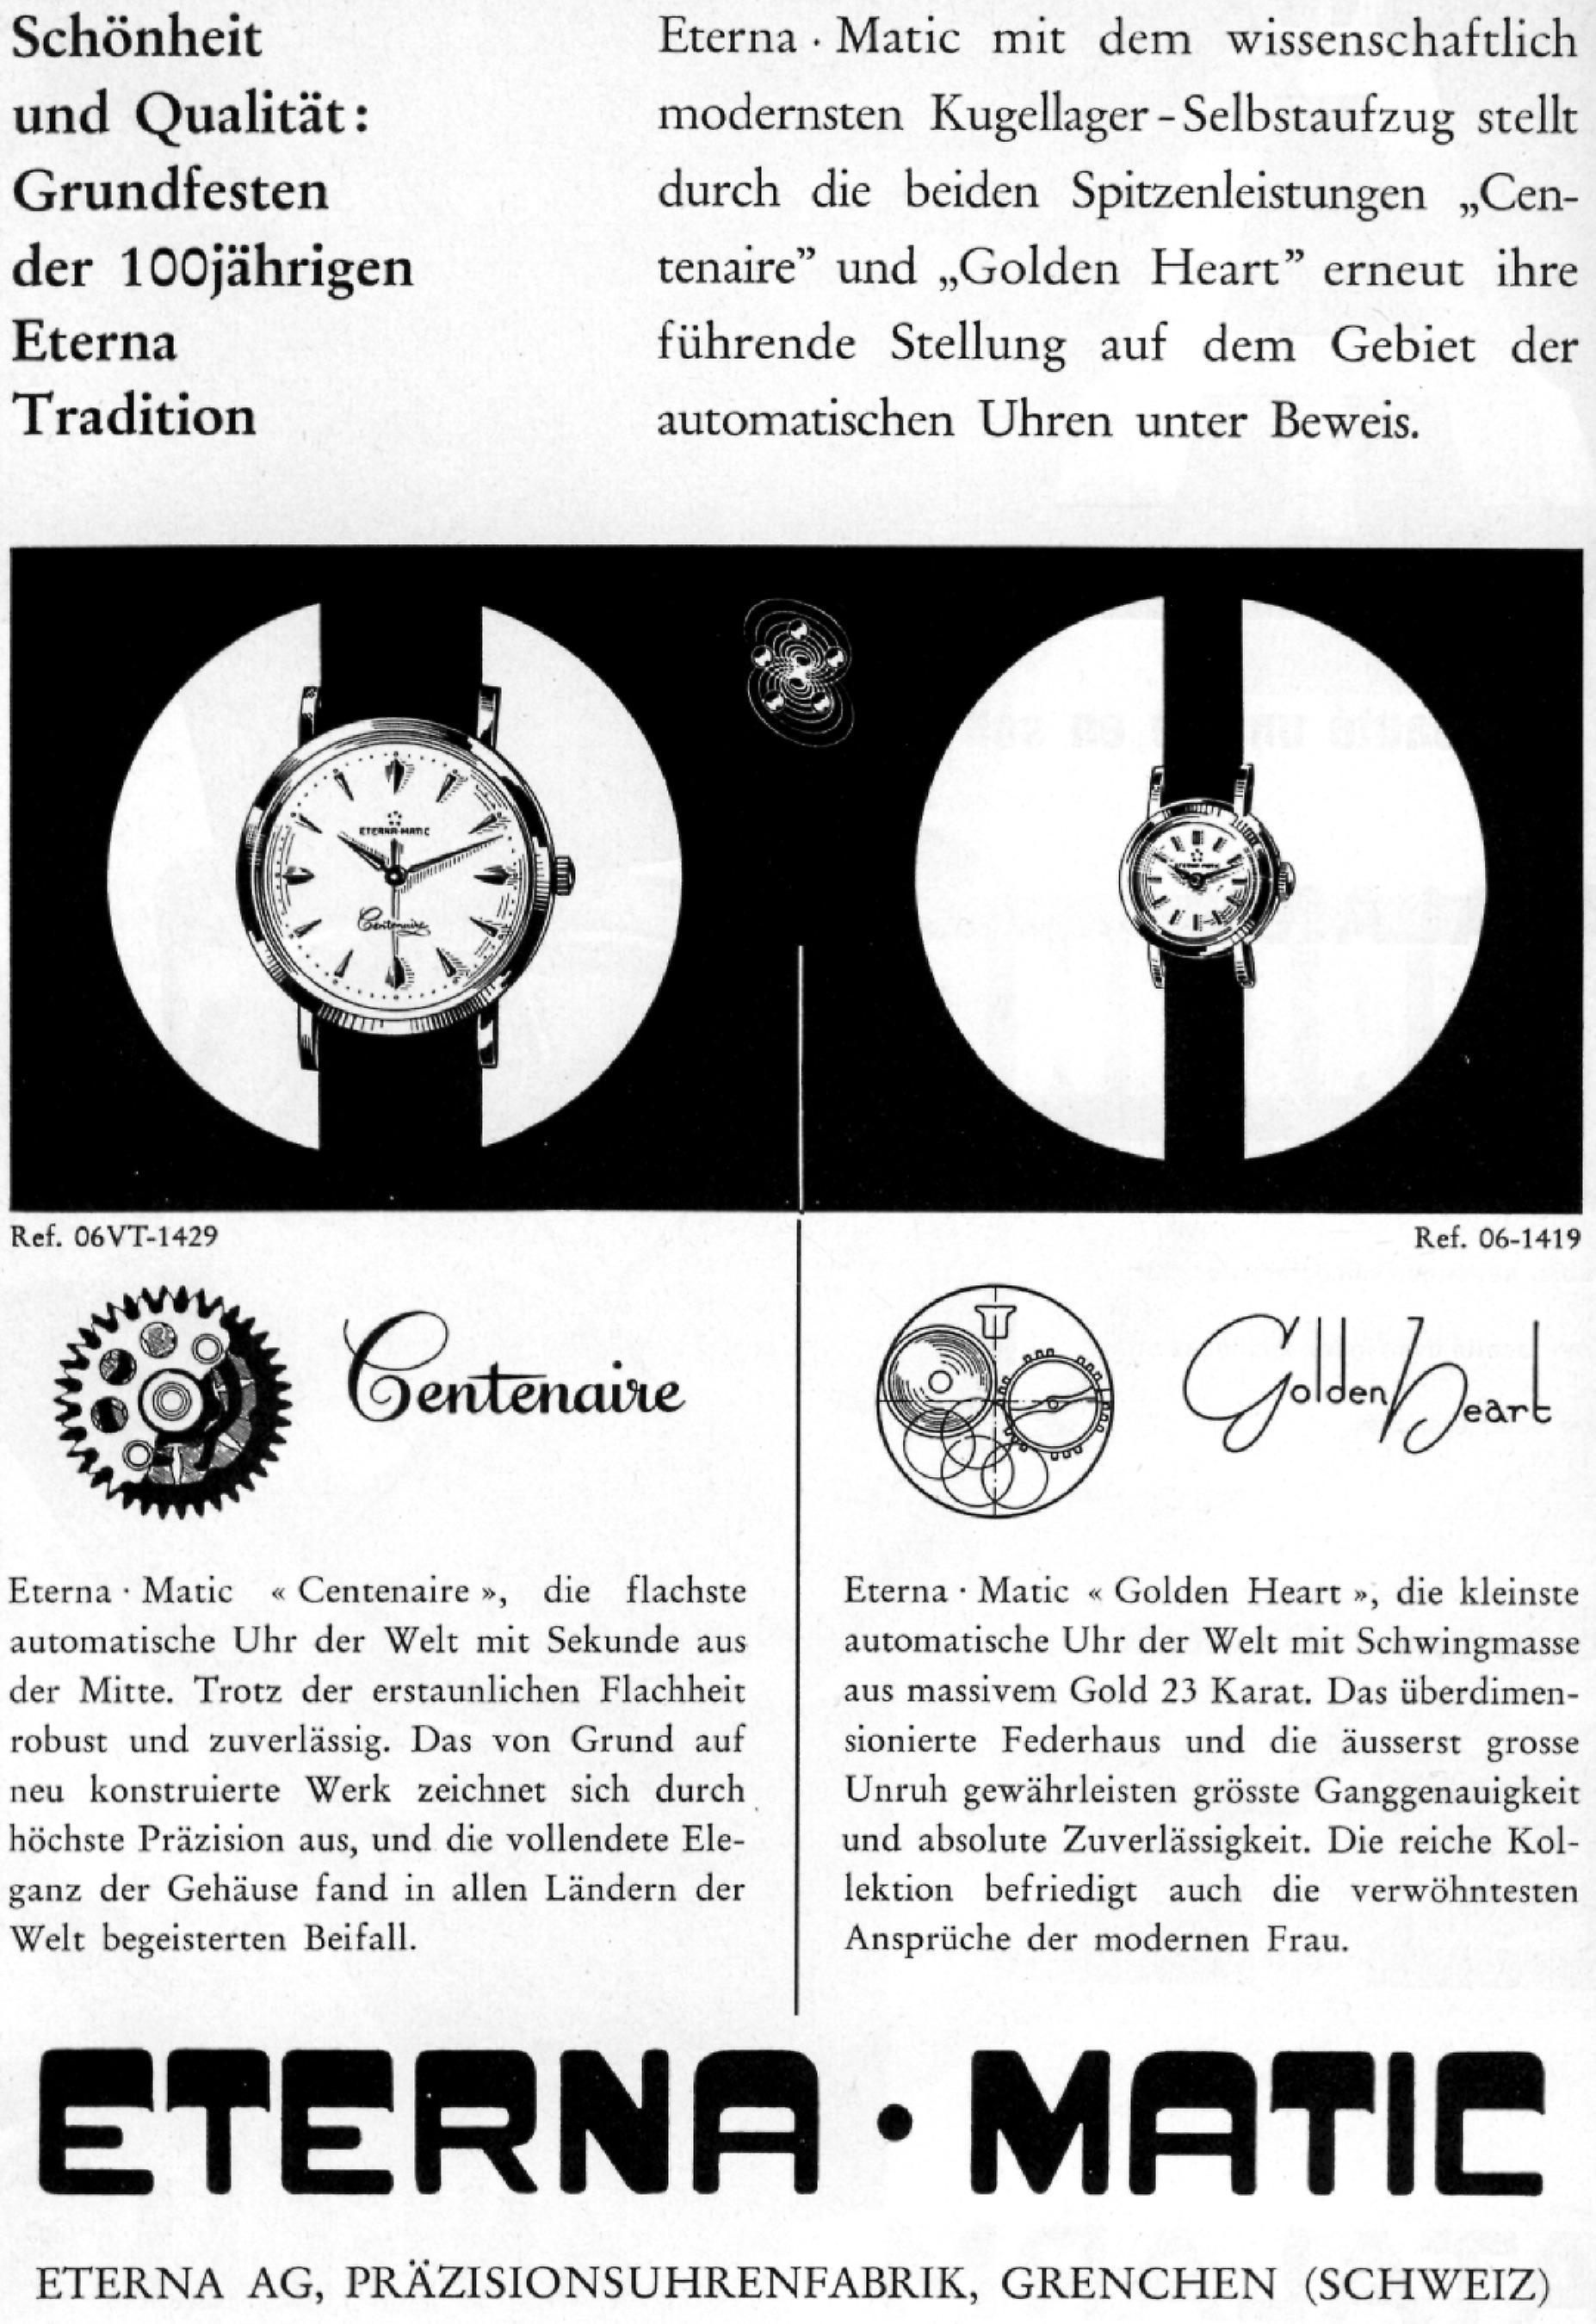 Eterna Matic von Heinrich Stamm